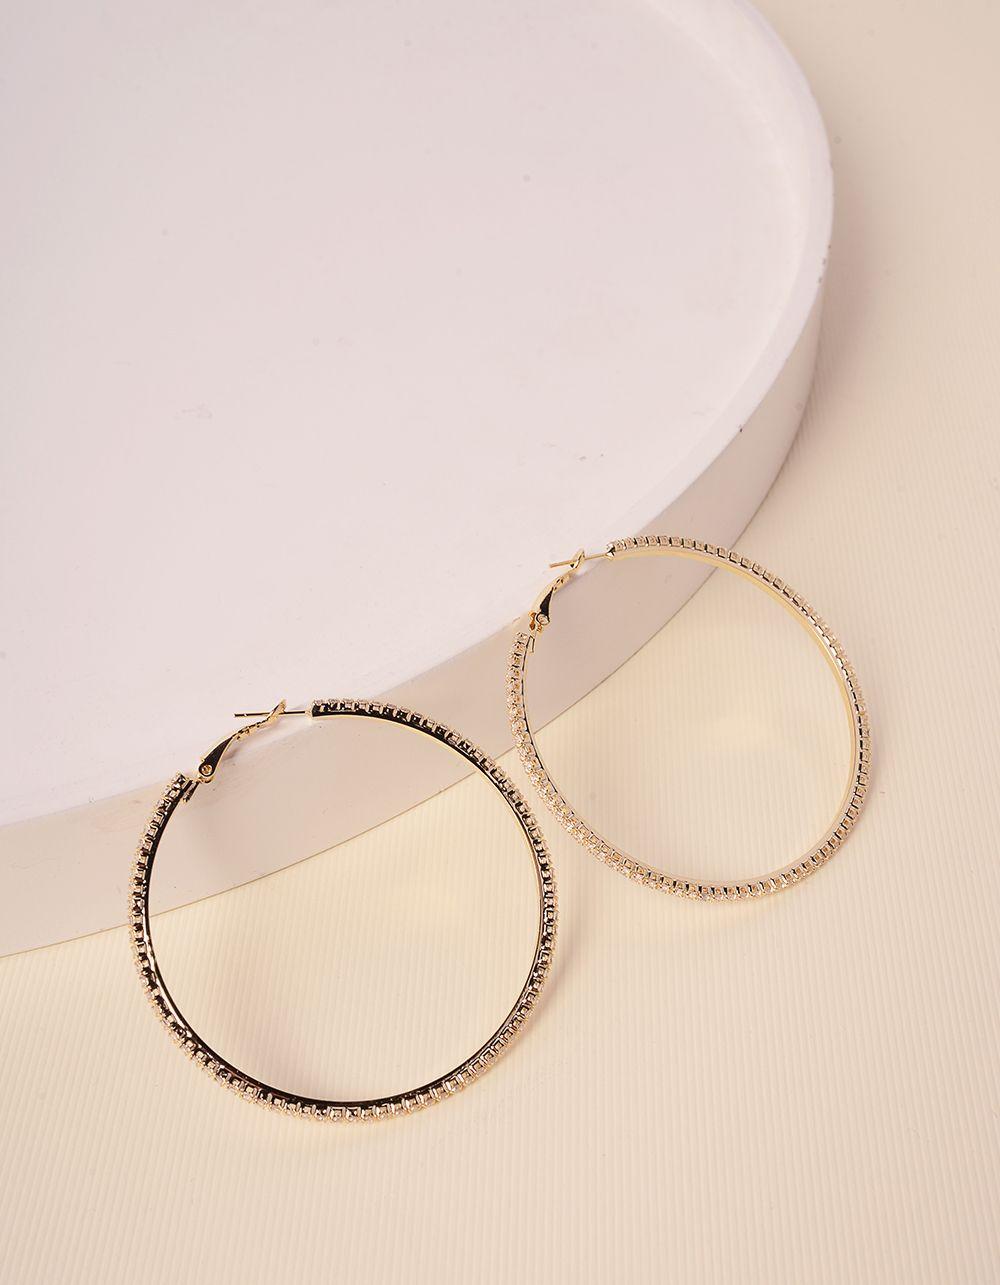 Сережки кільця зі стразами | 238629-08-XX